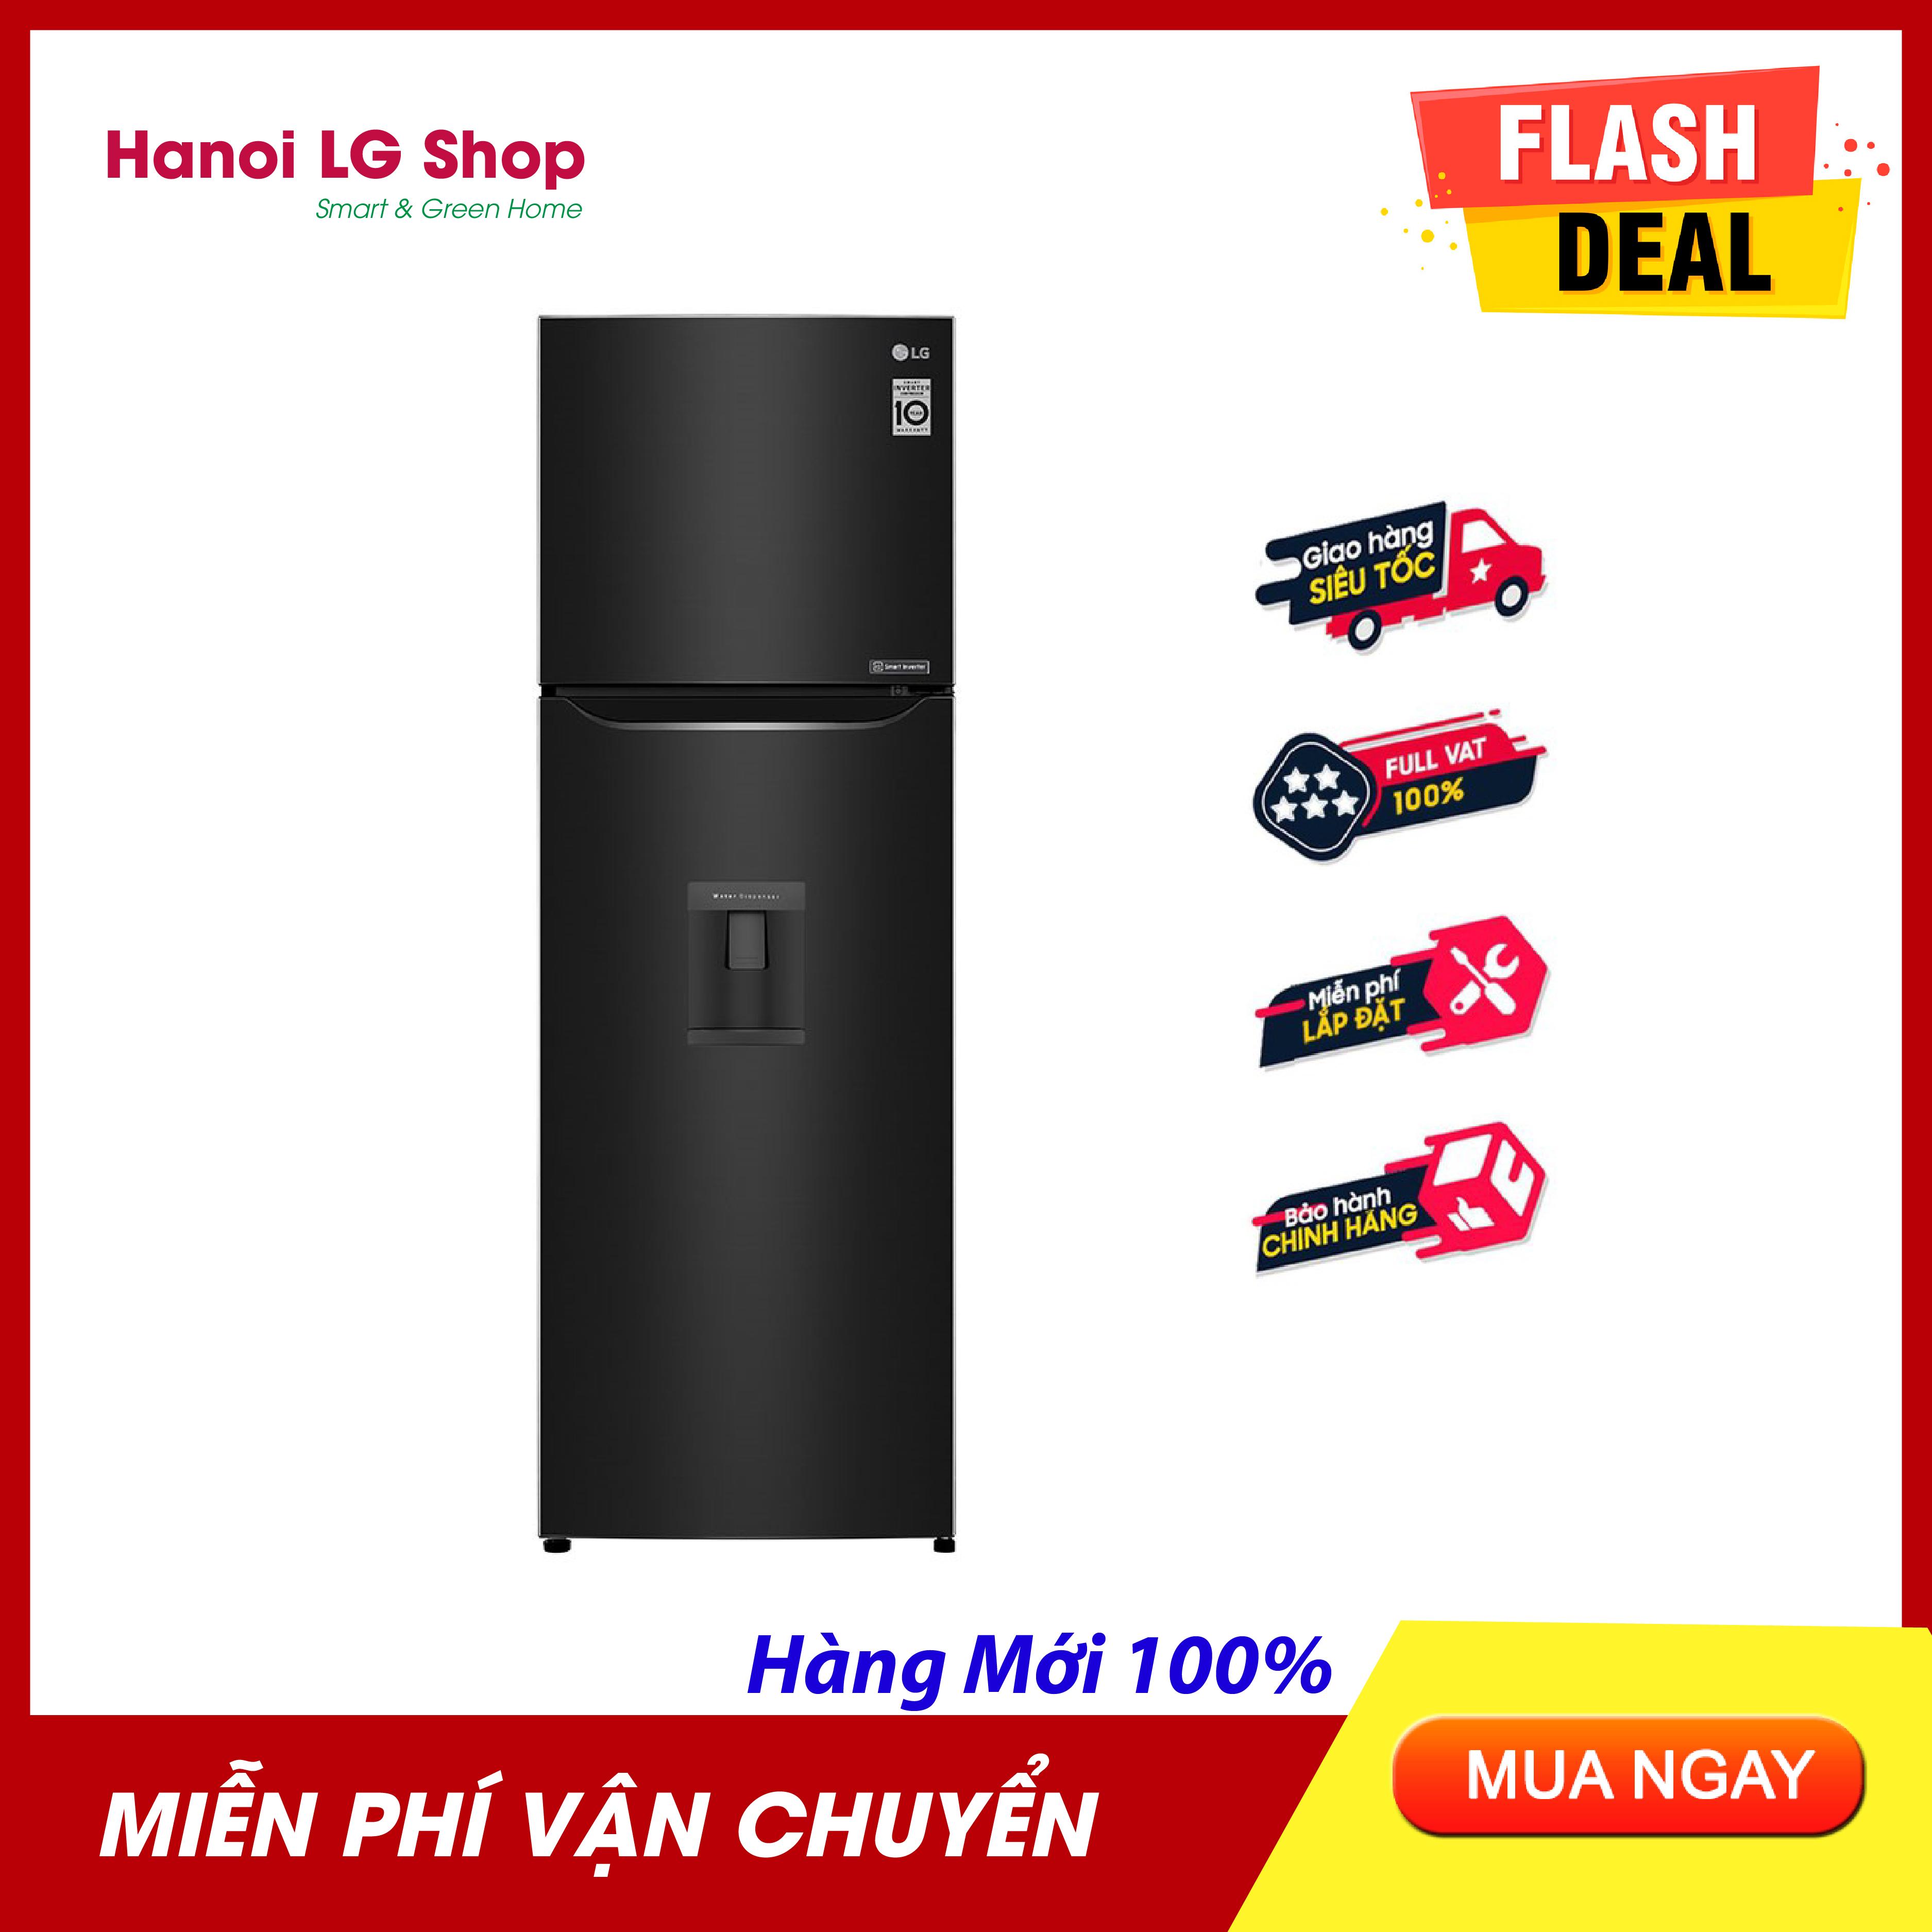 Deal Giảm Giá [HÀNG CÓ SẴN] Tủ Lạnh LG Inverter 255 Lít GN-D255BL